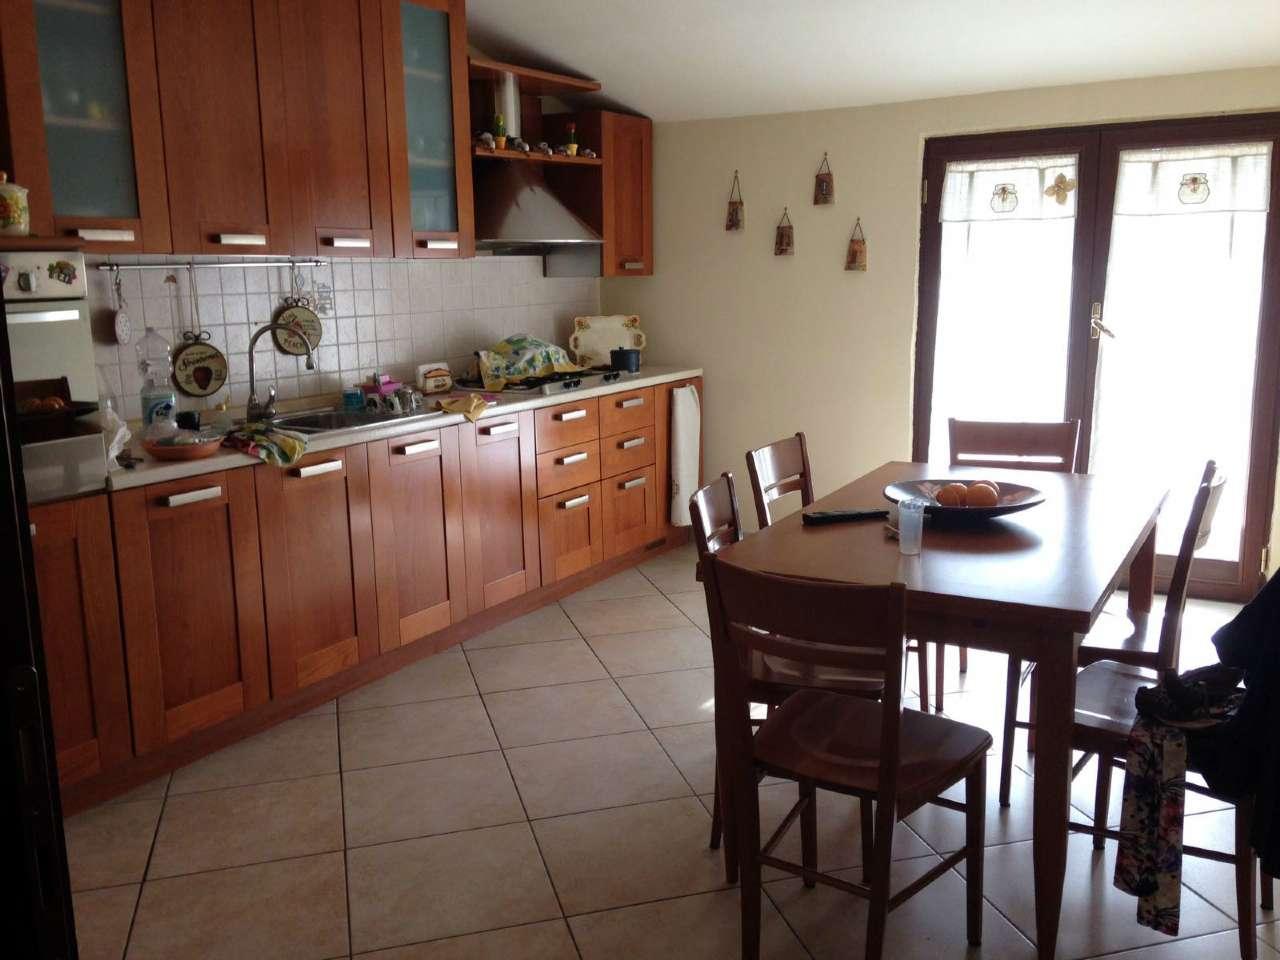 Attico / Mansarda in affitto a Giugliano in Campania, 4 locali, prezzo € 380 | CambioCasa.it